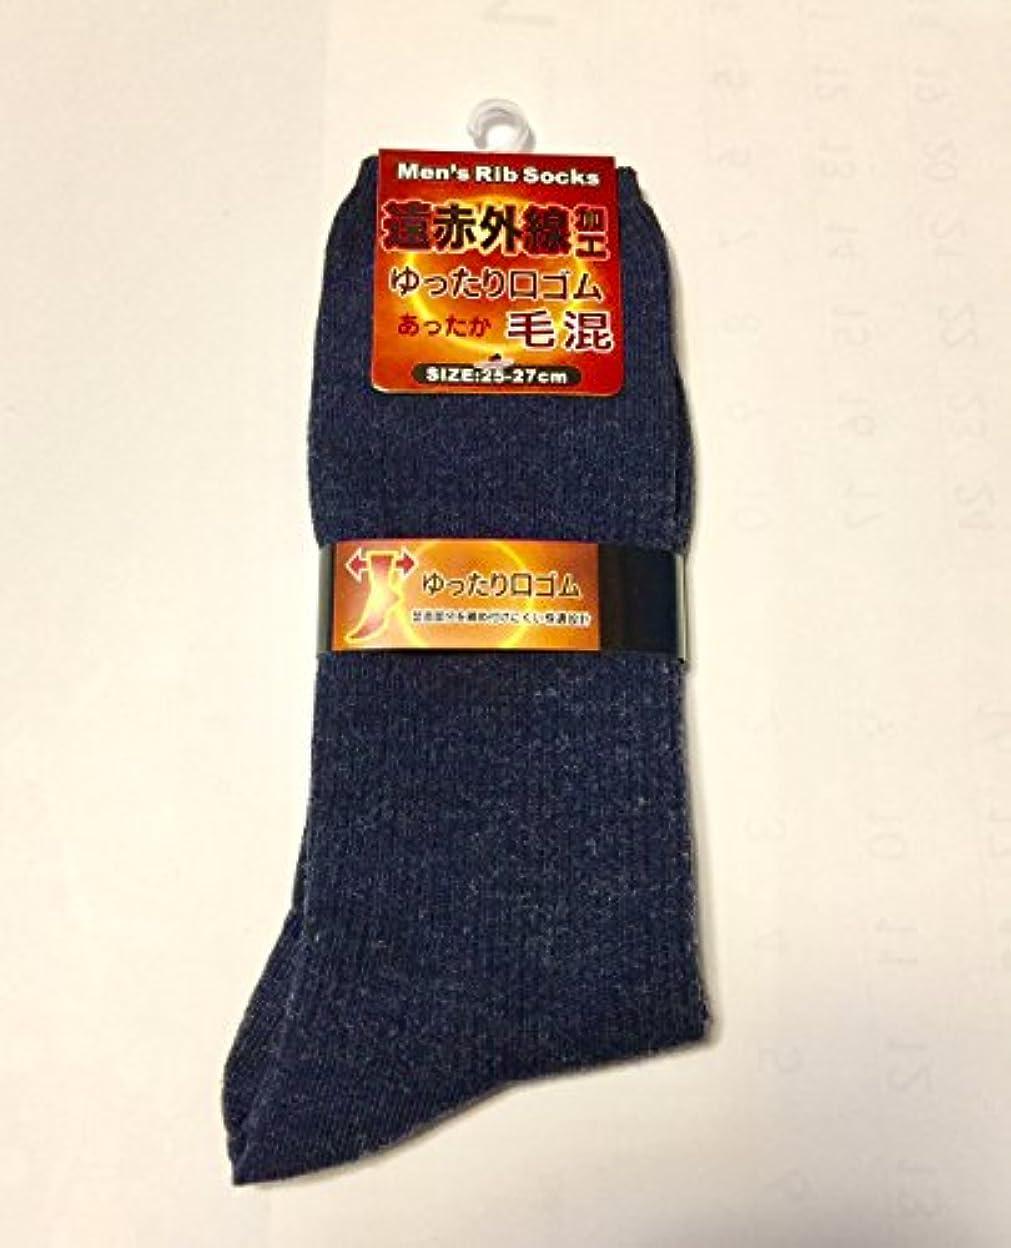 消費者ハチ奇跡的な靴下 あったか メンズ ビジネス 毛混 ソックス 遠赤外線加工 25-27cm 紺色 お買得4足組